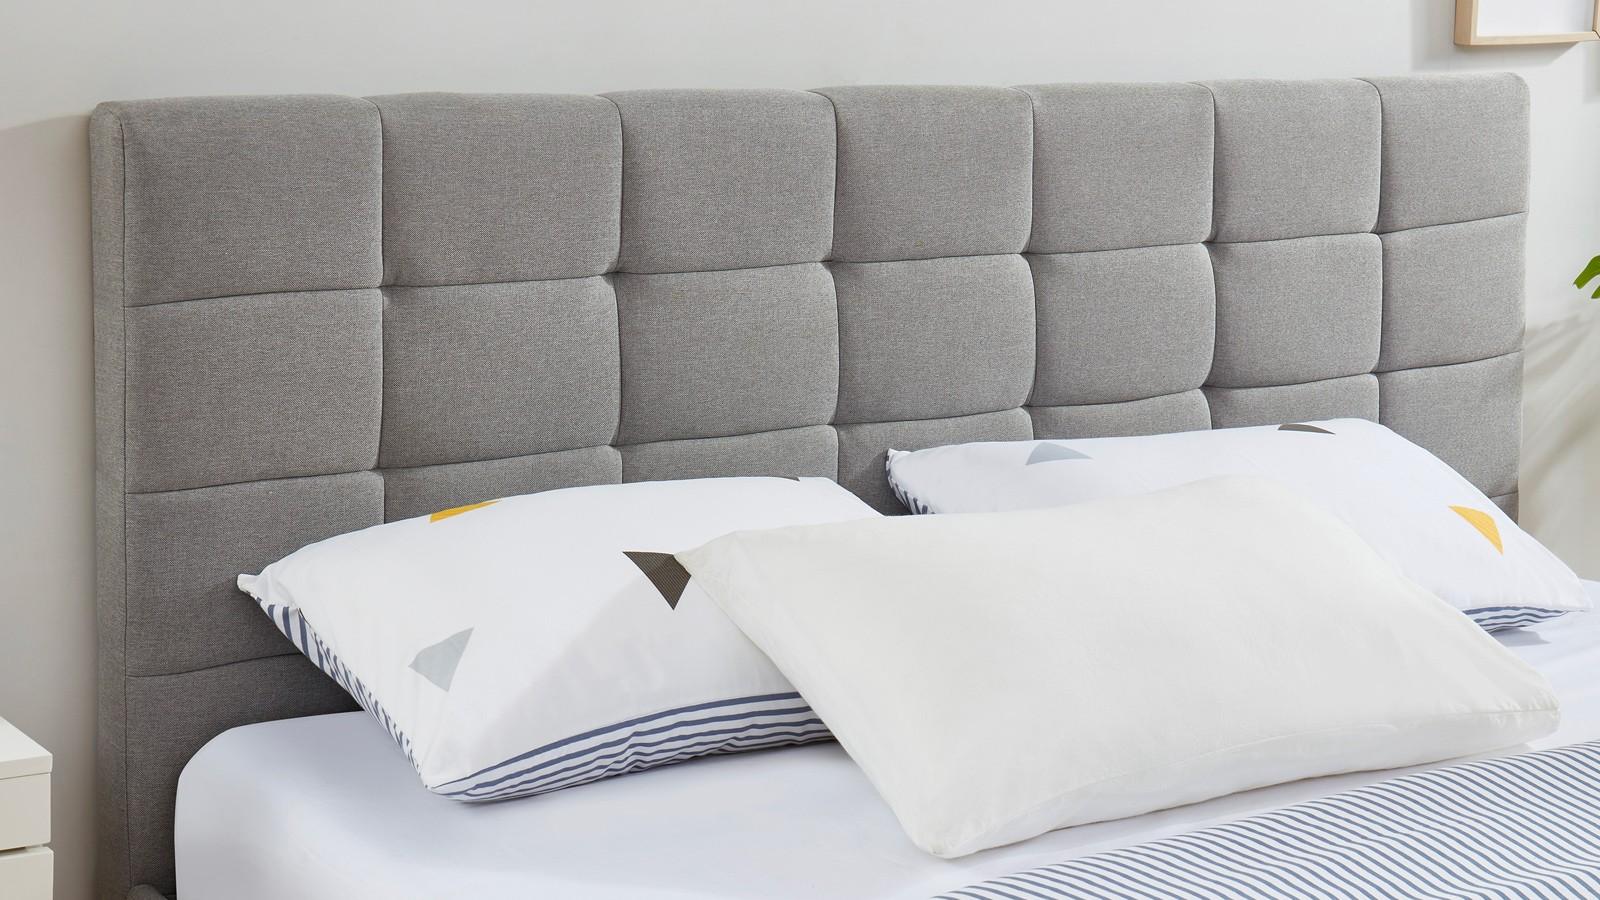 lit adulte avec tete de lit capitonnee